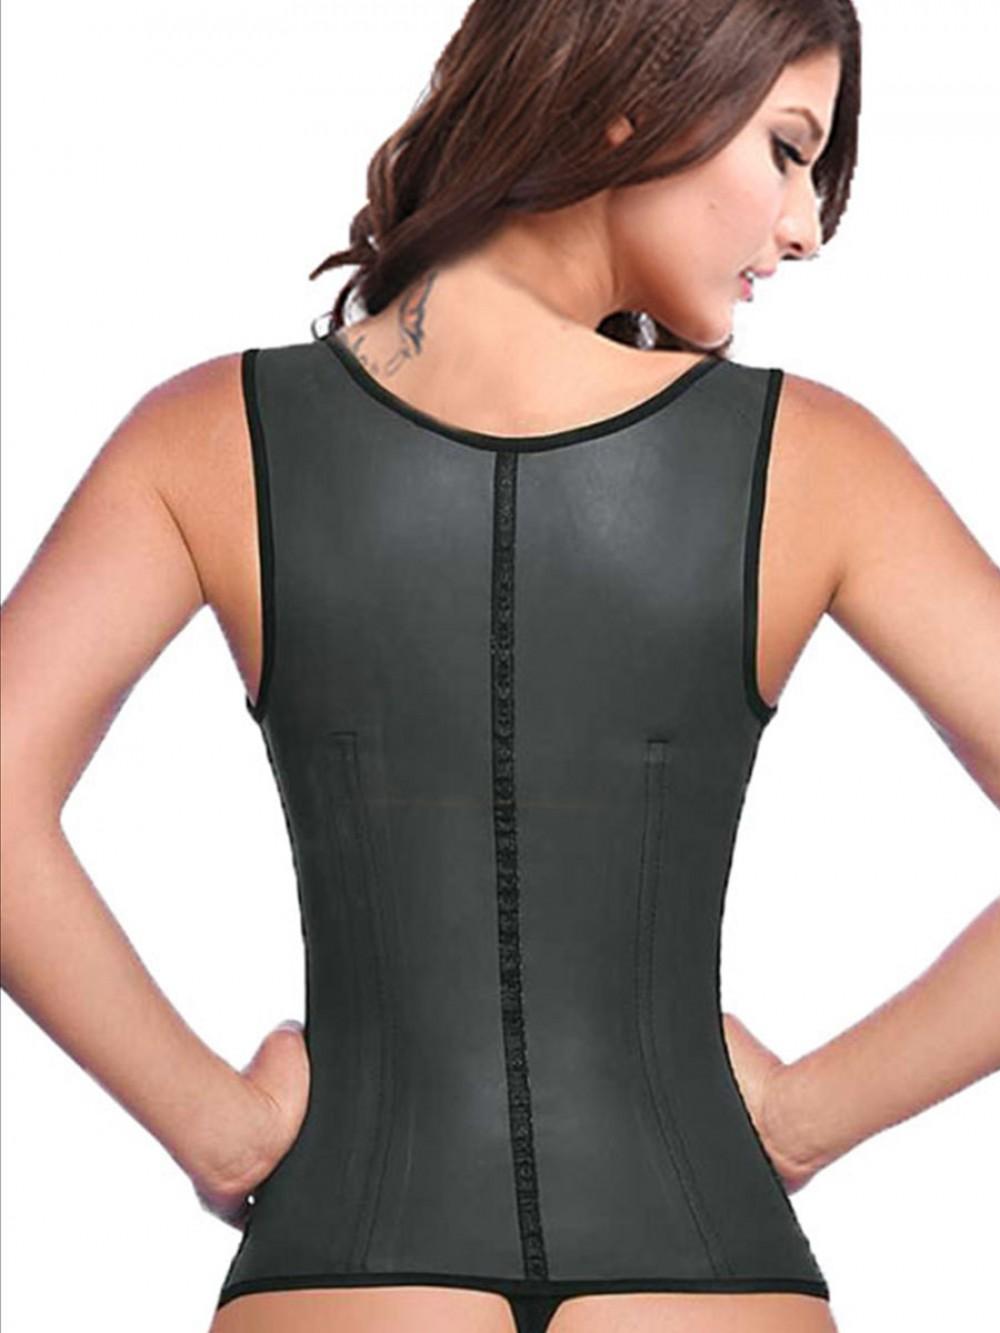 9 Steel Boned Black Latex Waist Trainer Vest With Straps Smooth Abdomen